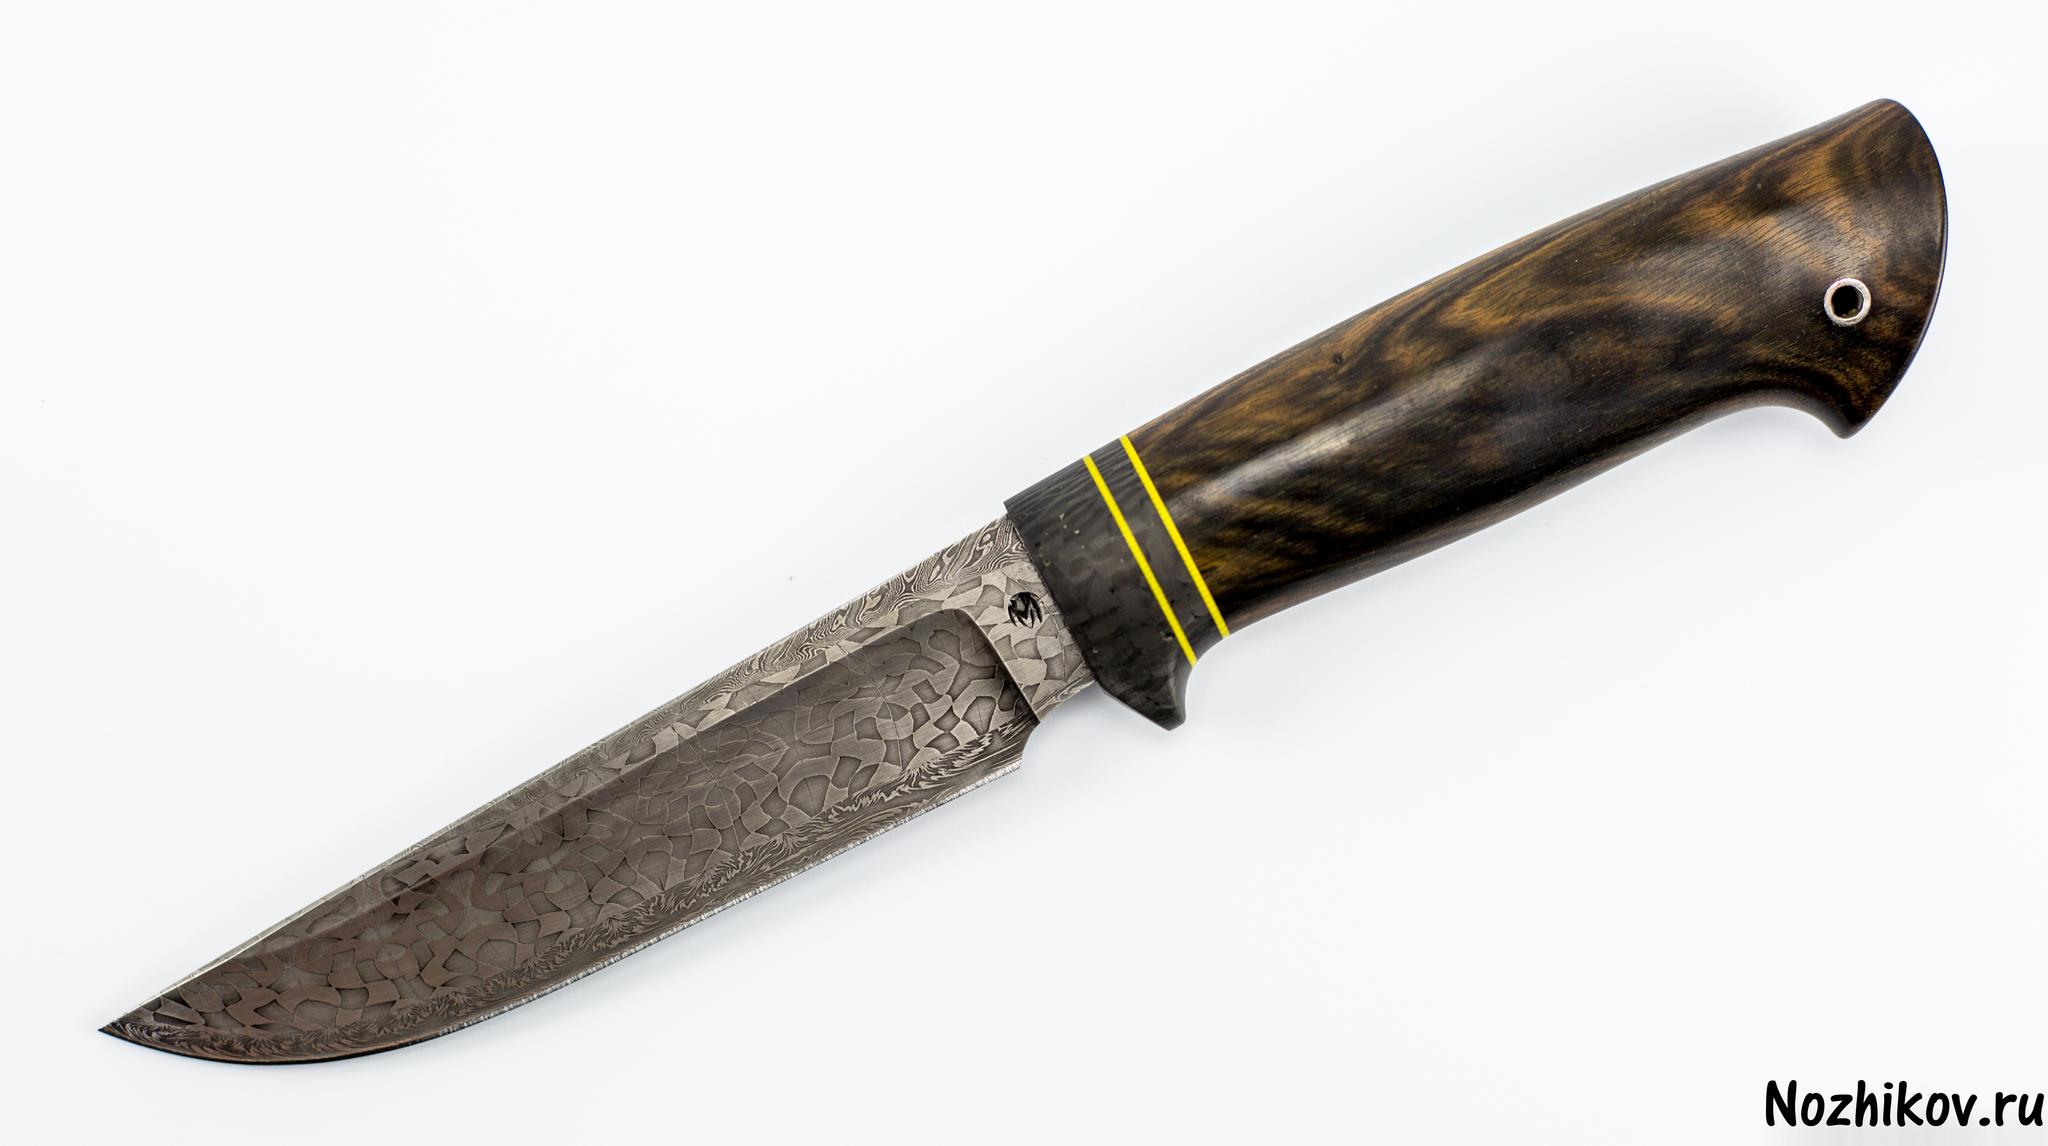 Нож из мозаичного дамаска №5, эбеновое дерево, карбон от ПФК Витязь